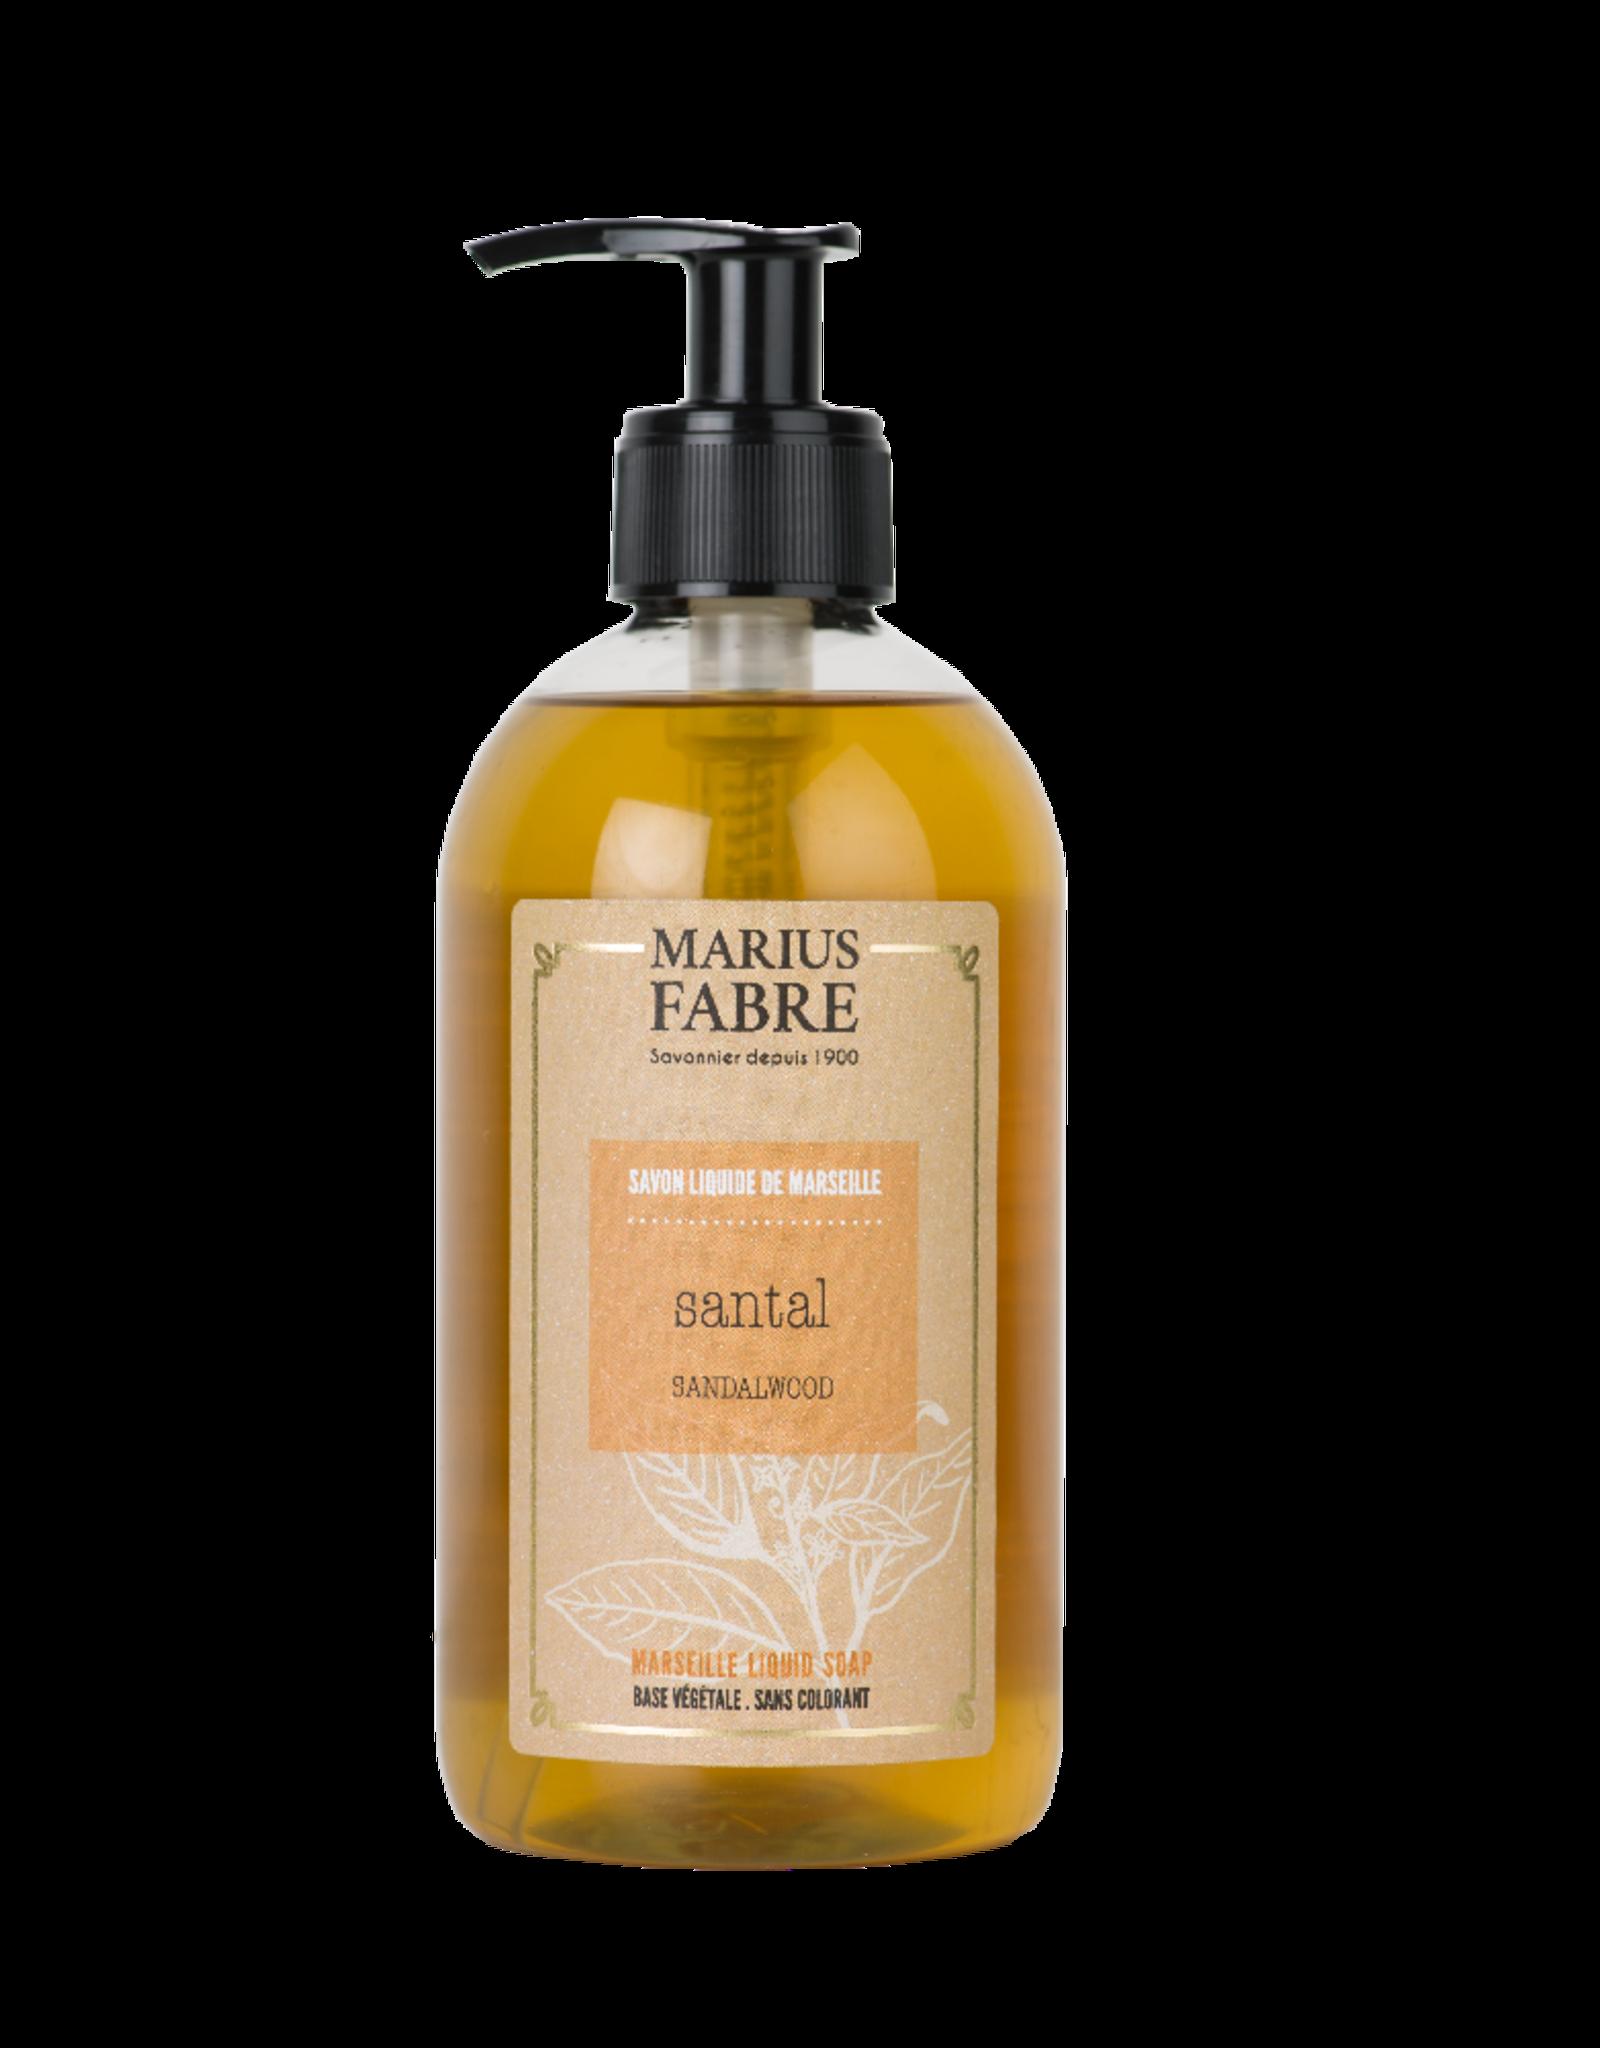 Marius Fabre Sandalwood liquid Marseille soap (400 ml)